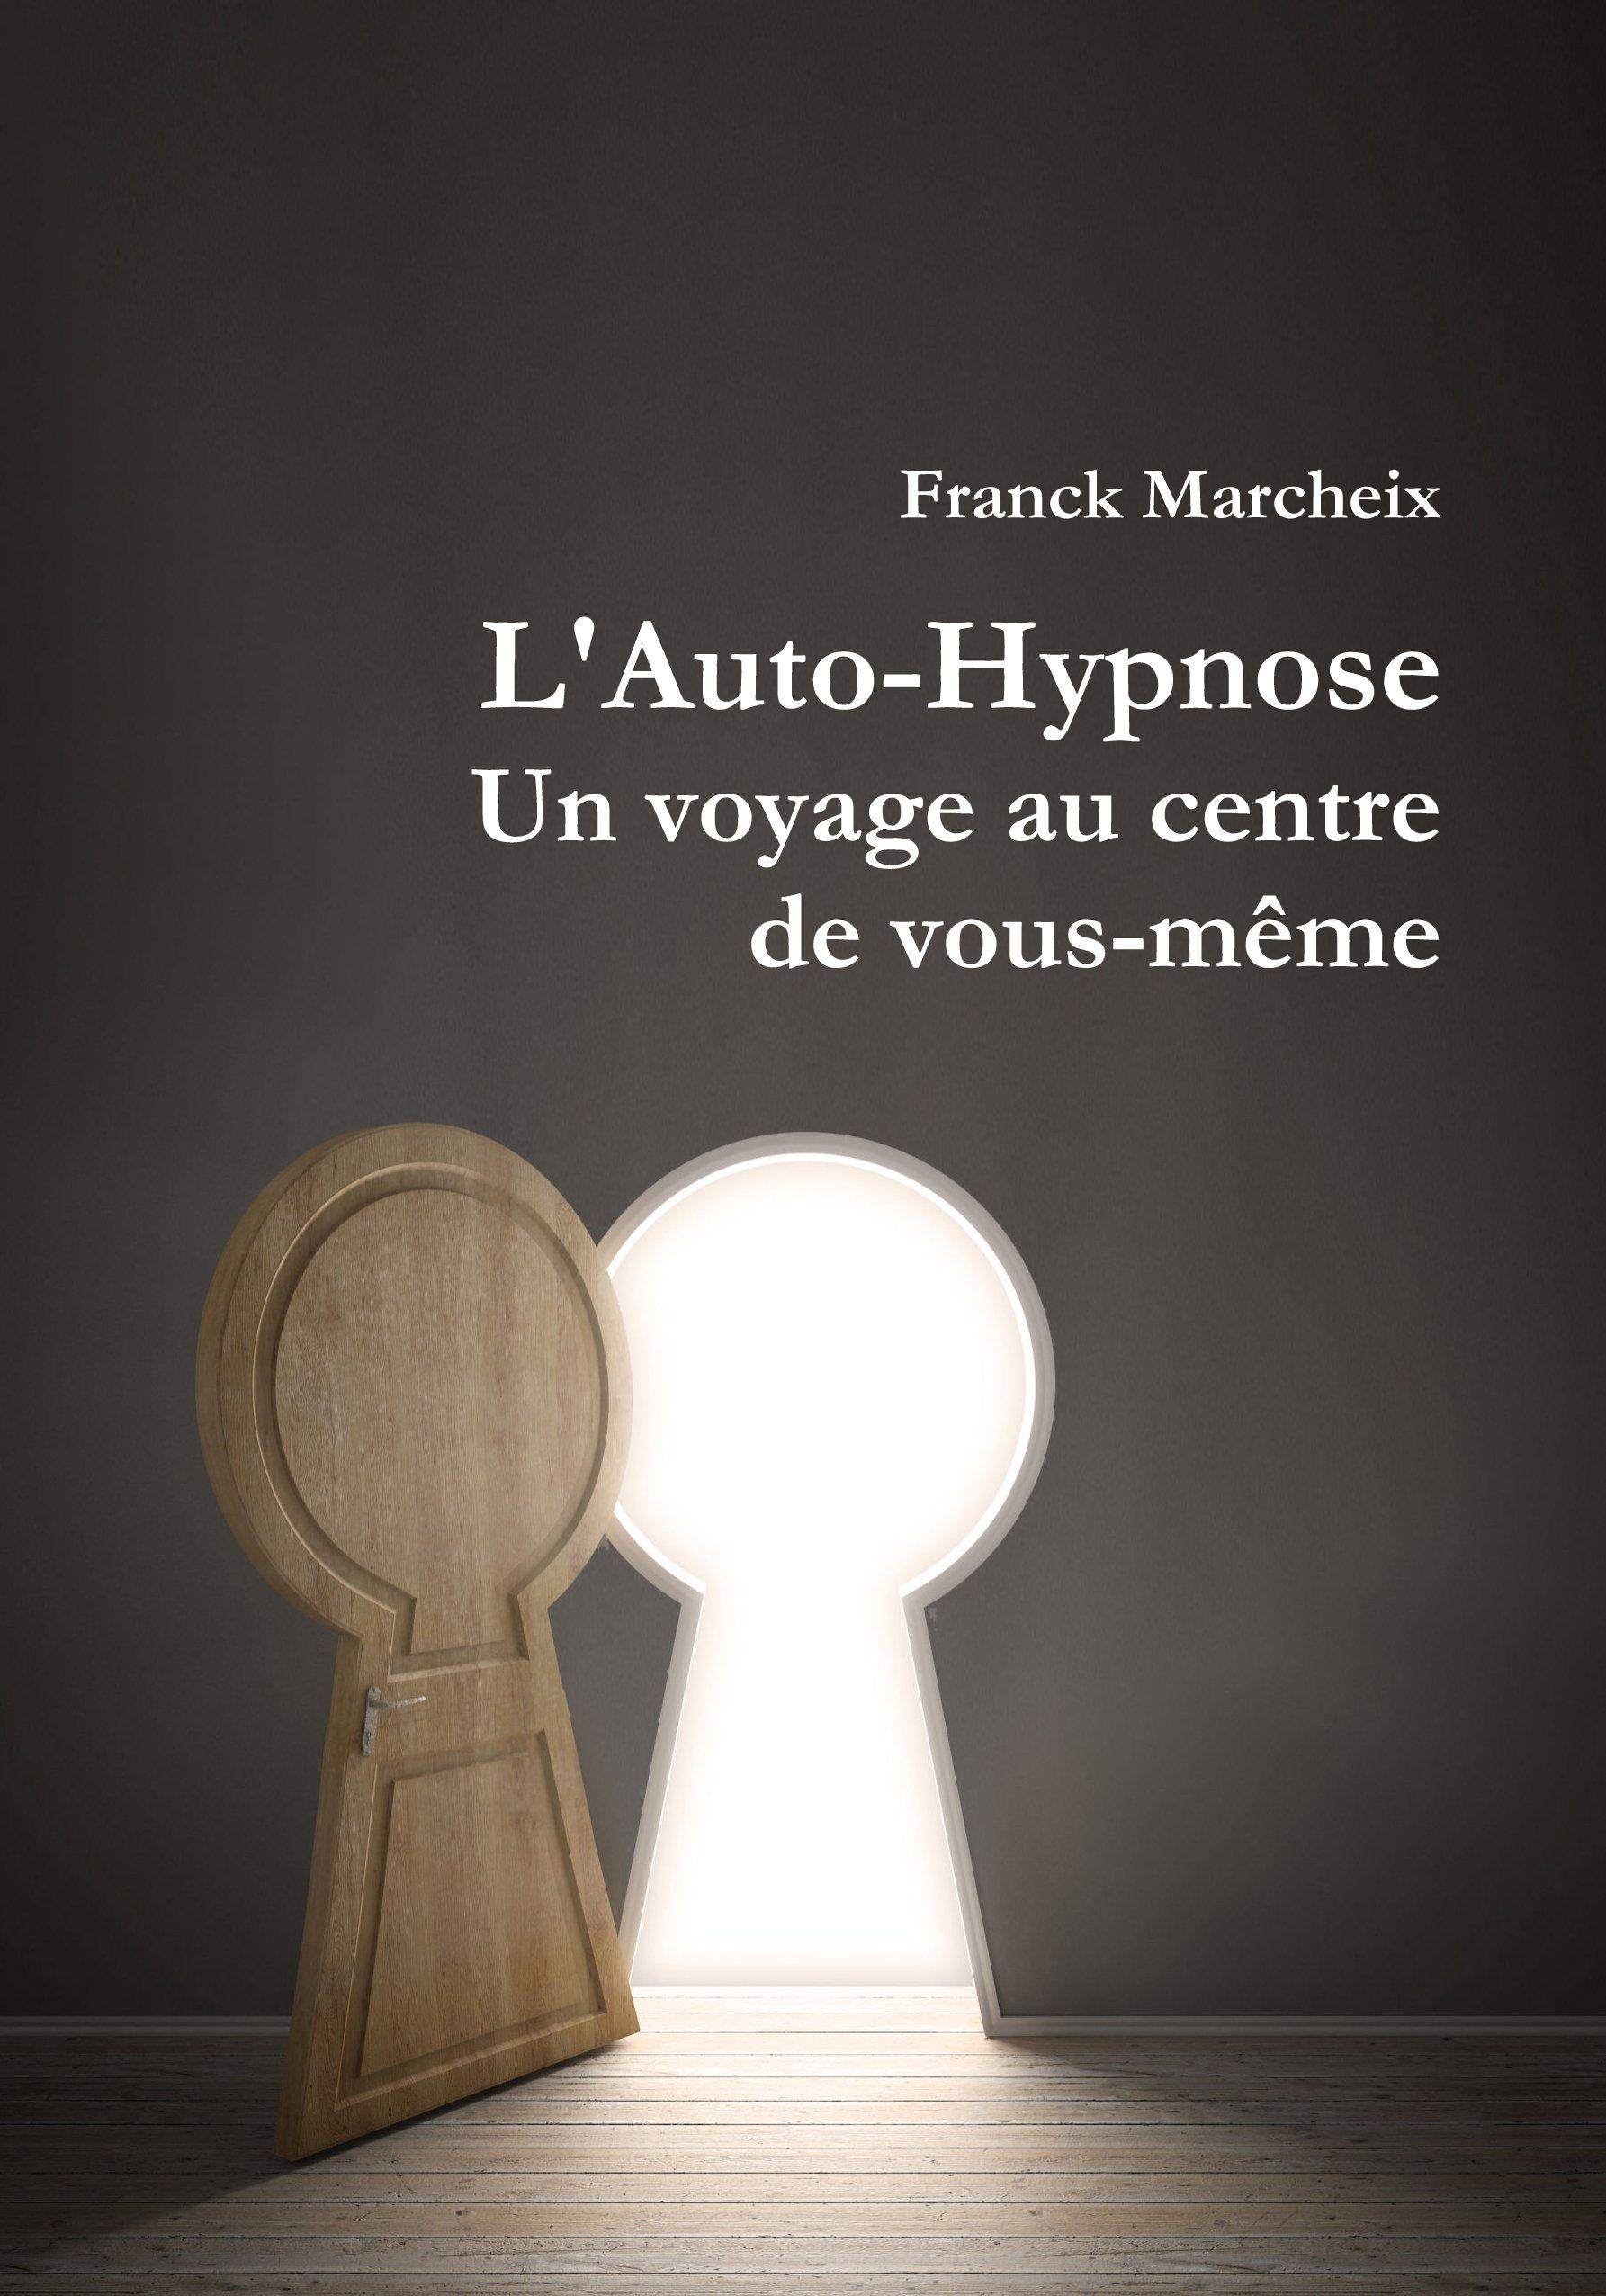 Auto-Hypnose - Un voyage au centre de vous-même por Franck Marcheix